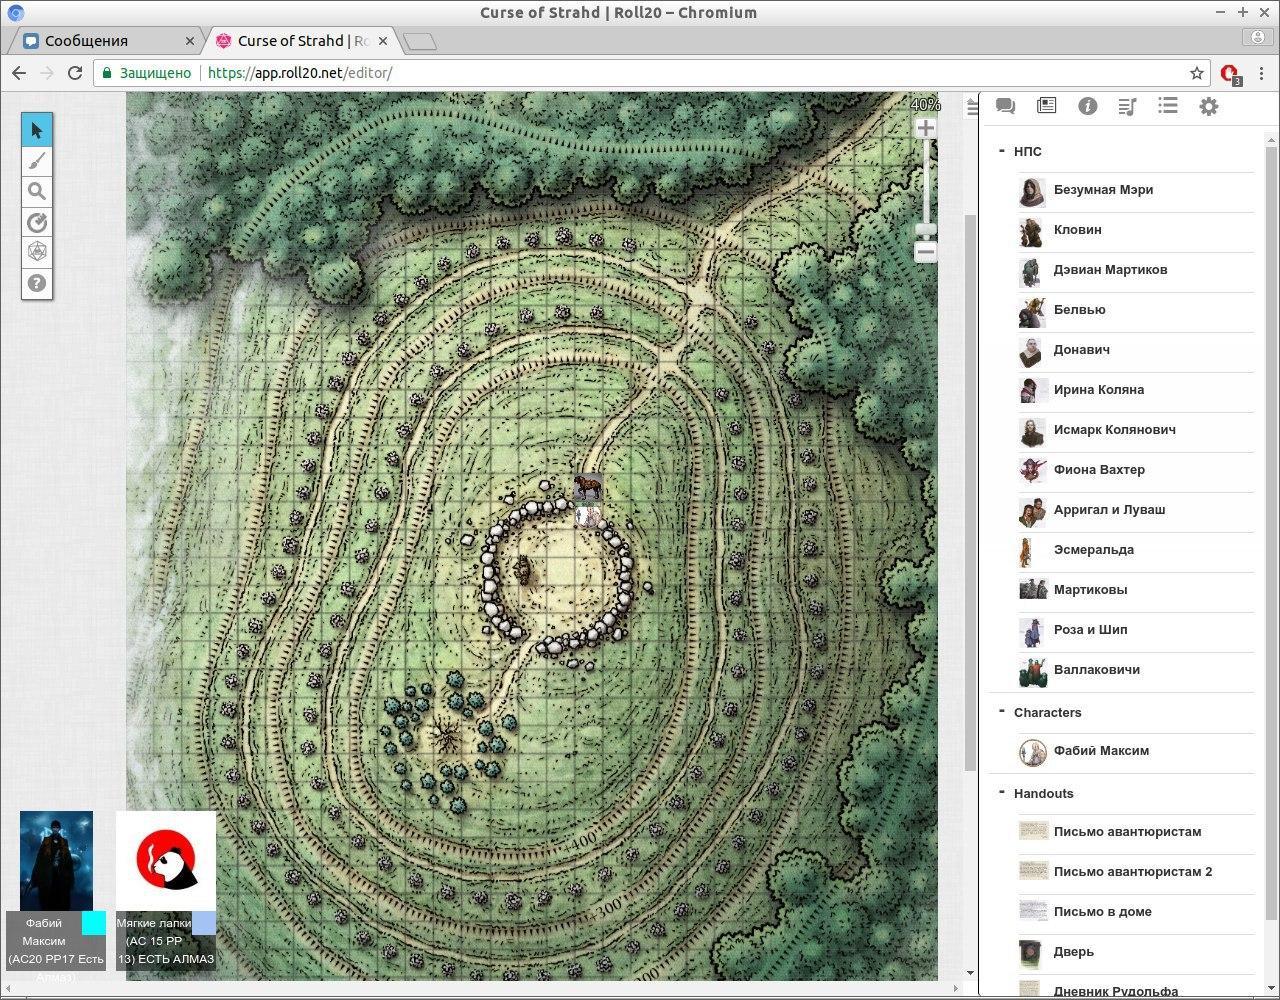 Цифровые помощники и виртуальные столы: приложения и сервисы для настольных ролевых игр 7